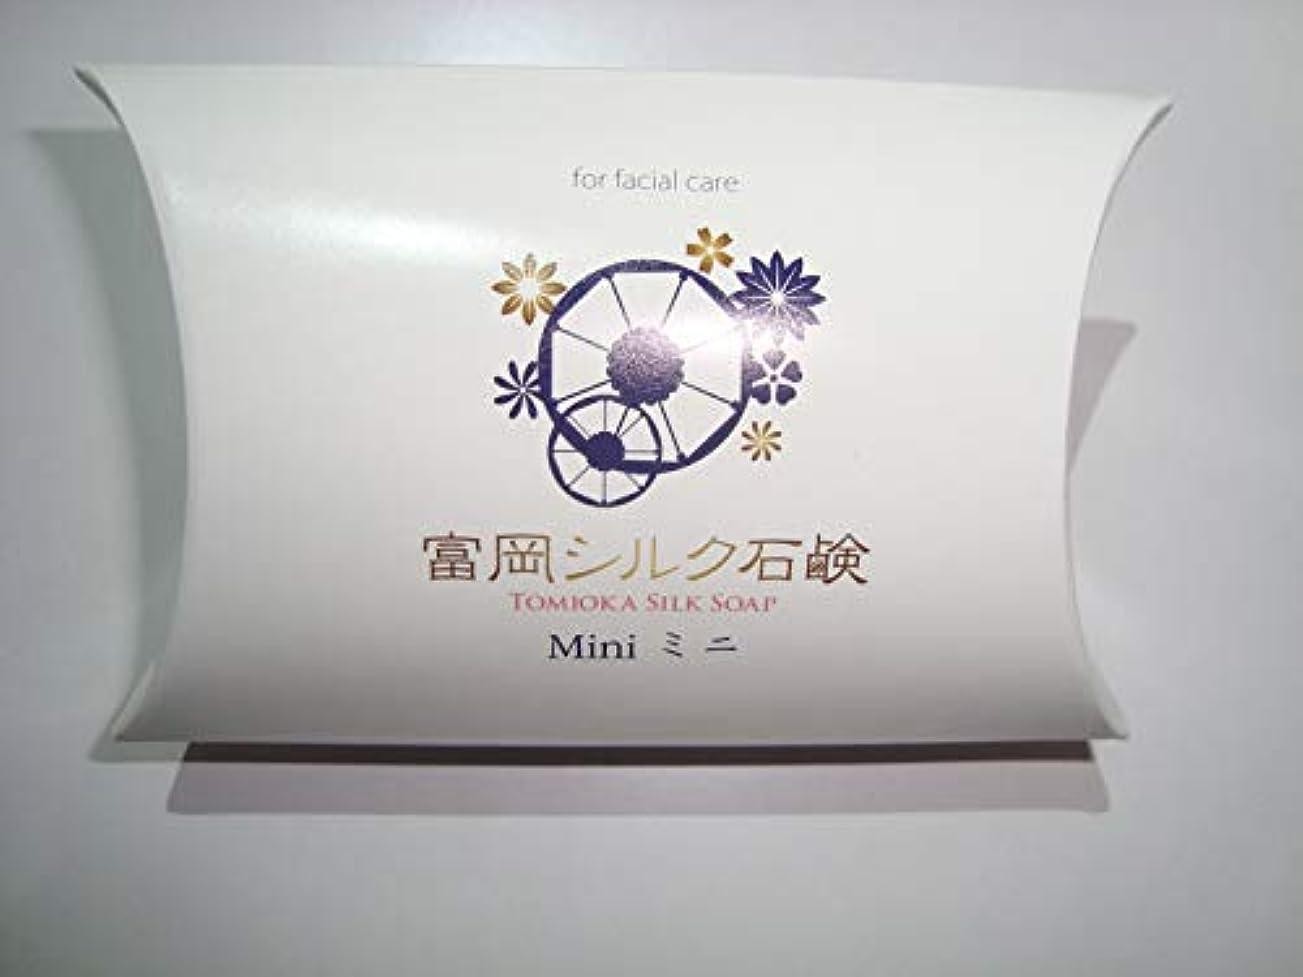 相互中絶オン絹工房 富岡シルク石鹸 ミニサイズ(12g)